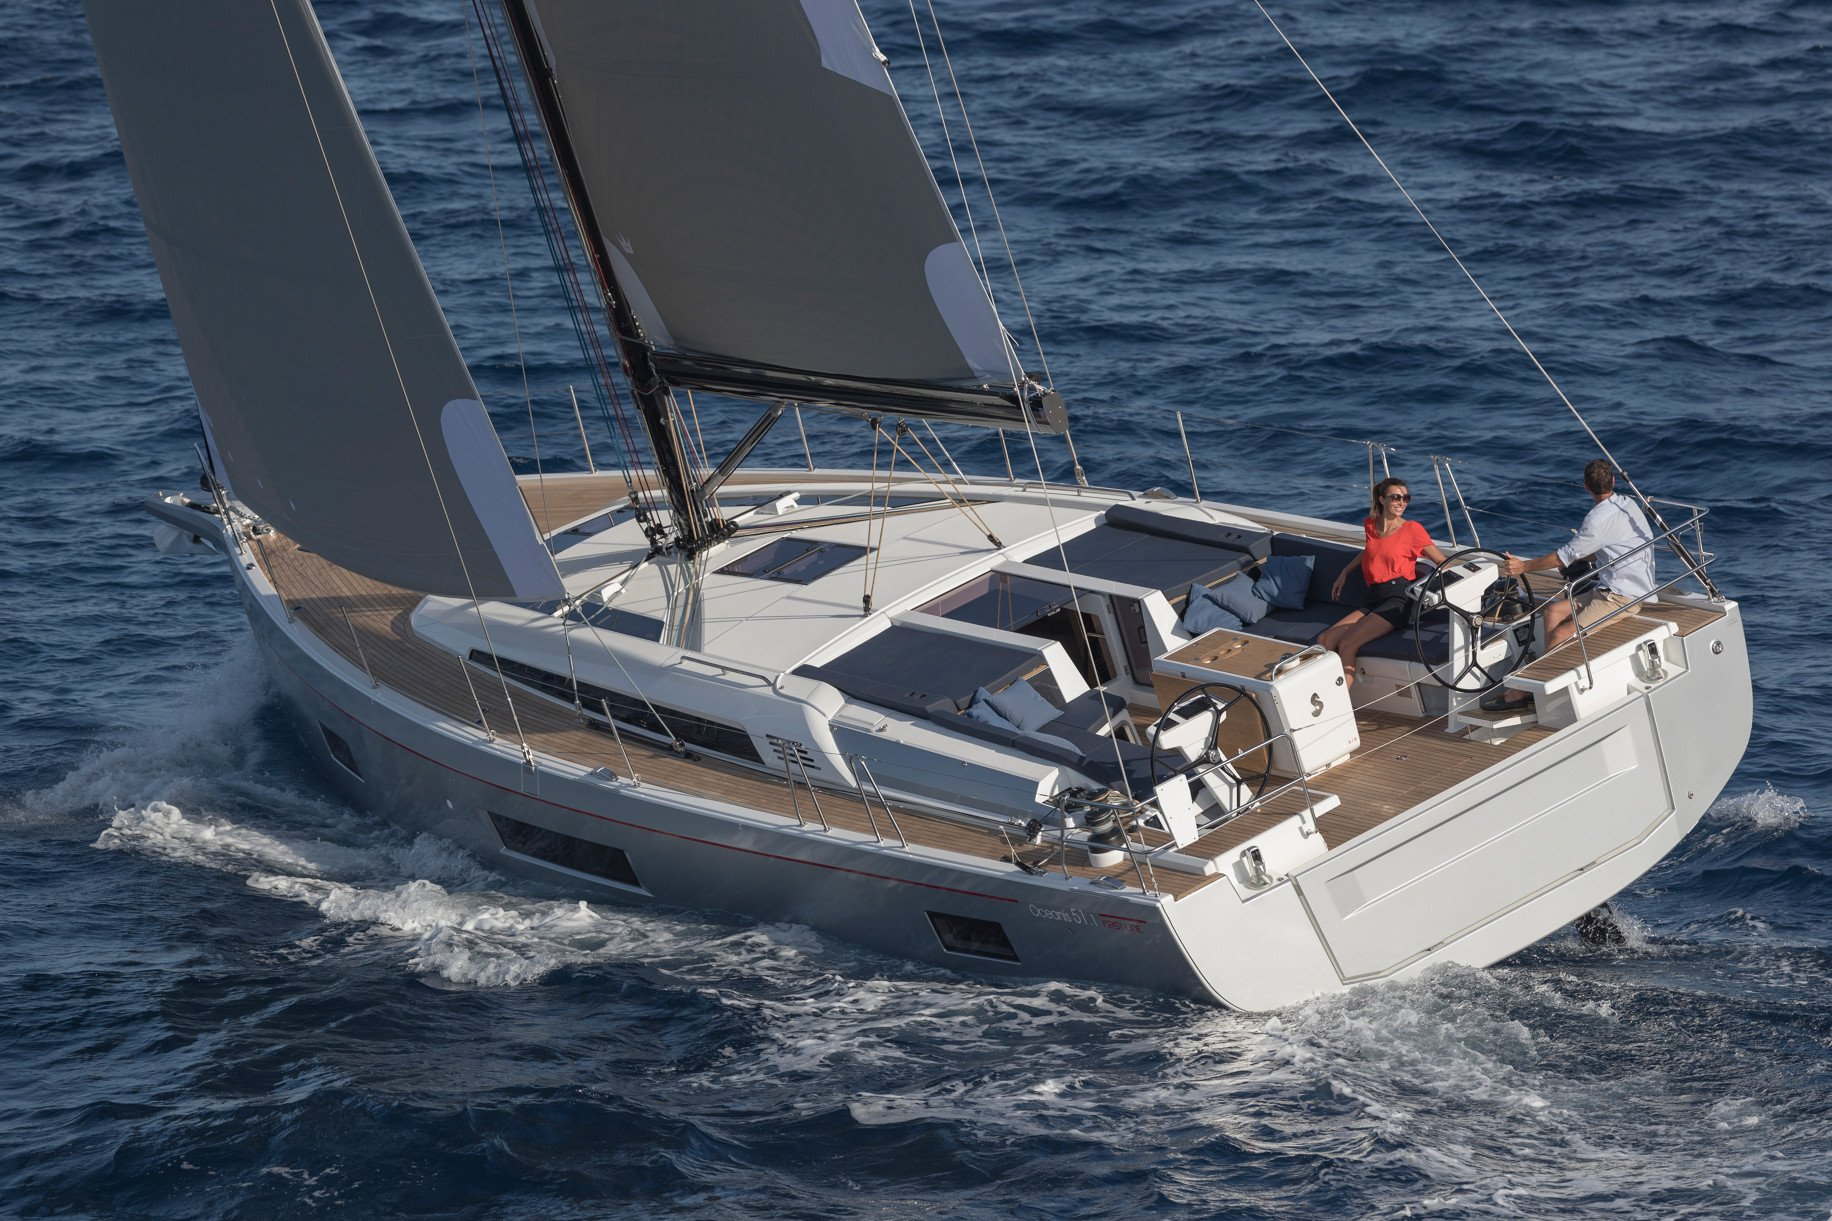 Beneteau Oceanis 55.1